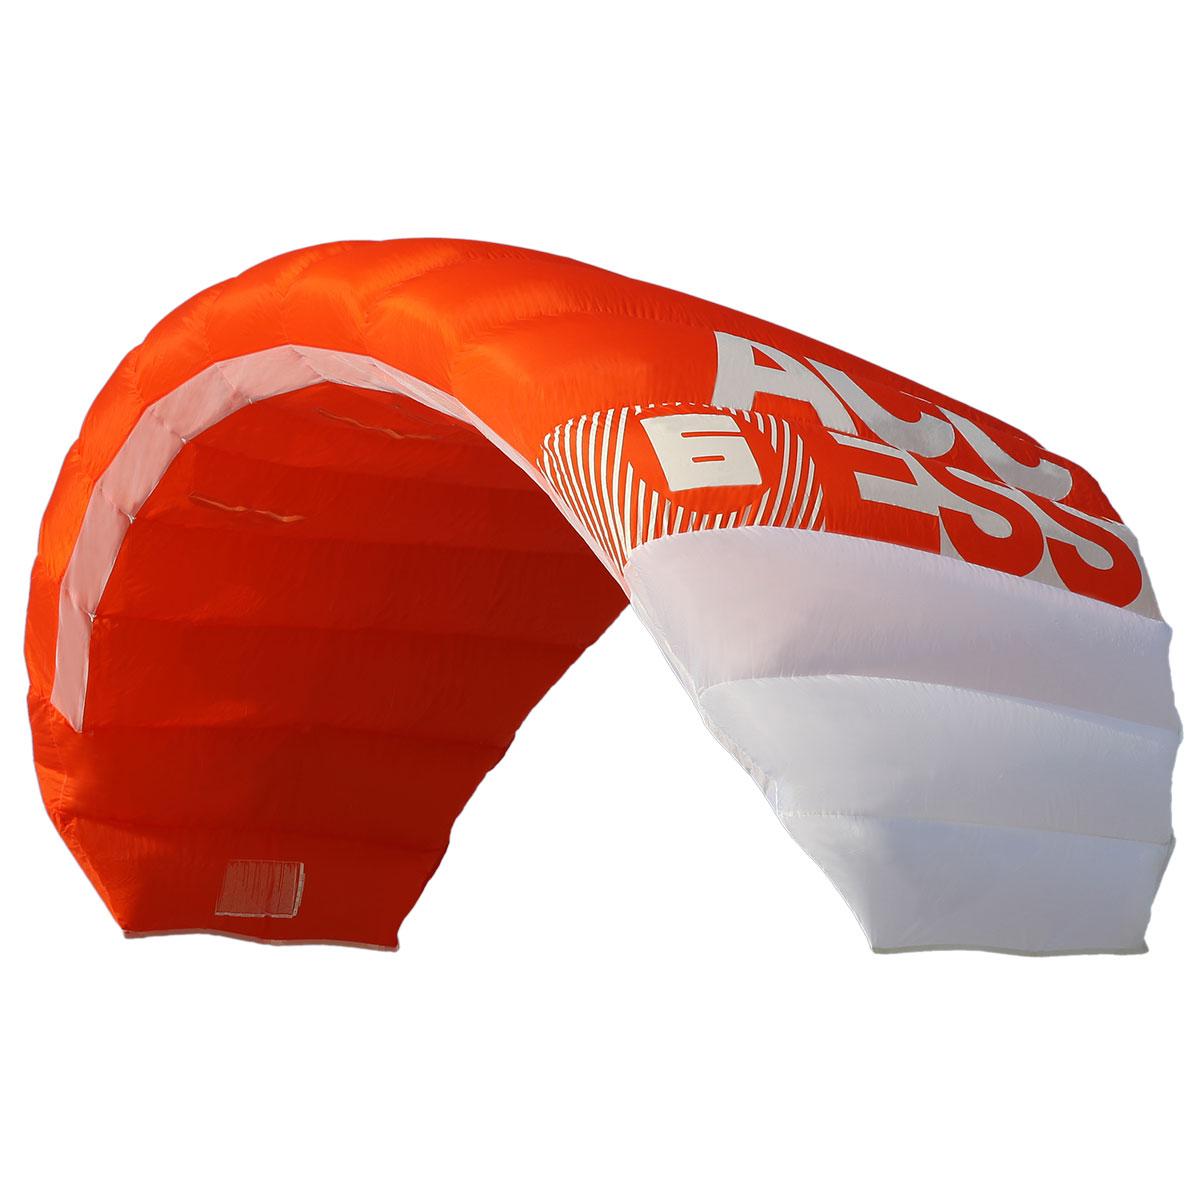 ozone access kite power kites atbshop depower